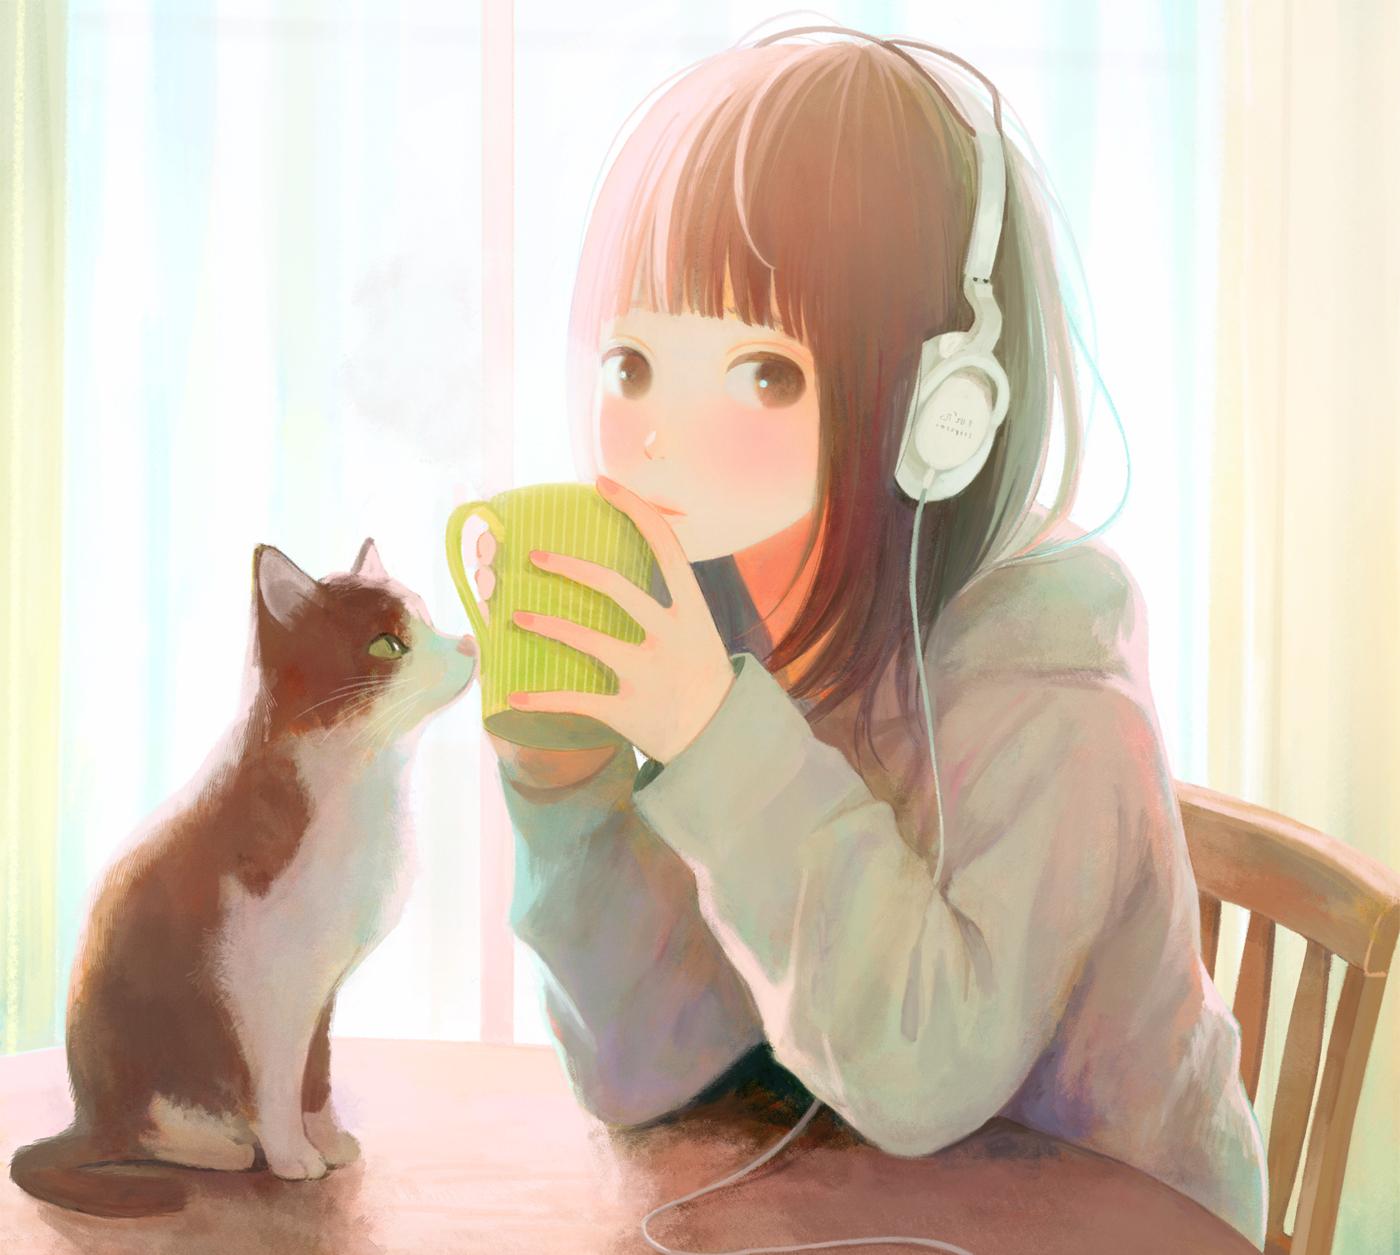 id=60443122,萌娘资源站,动漫女生图片,动漫手机壁纸